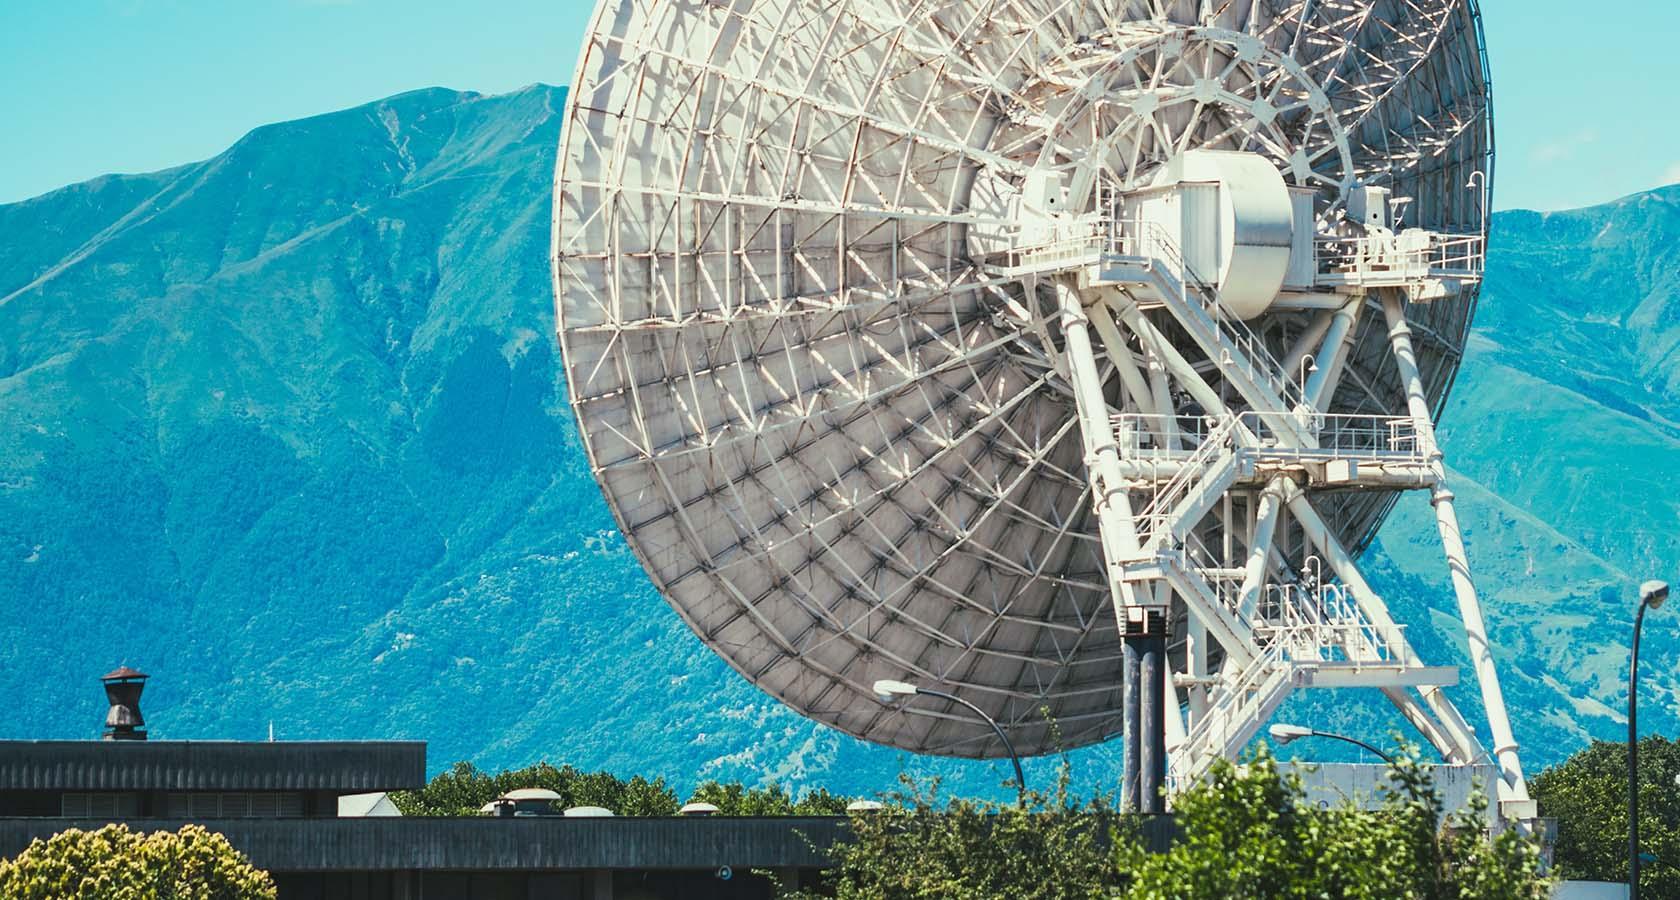 Устройство, проектирование  и диагностика беспроводных сетей 802.11 (Wi-Fi)